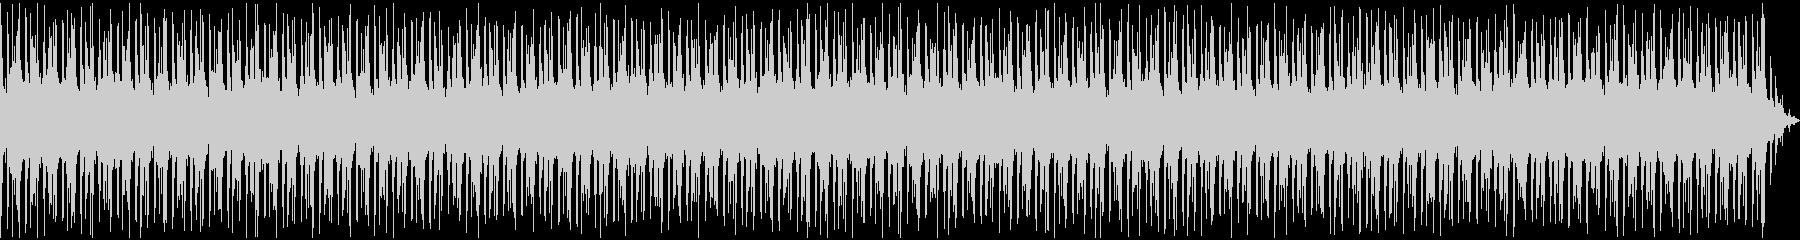 イベント  オープニング  オーケストラの未再生の波形